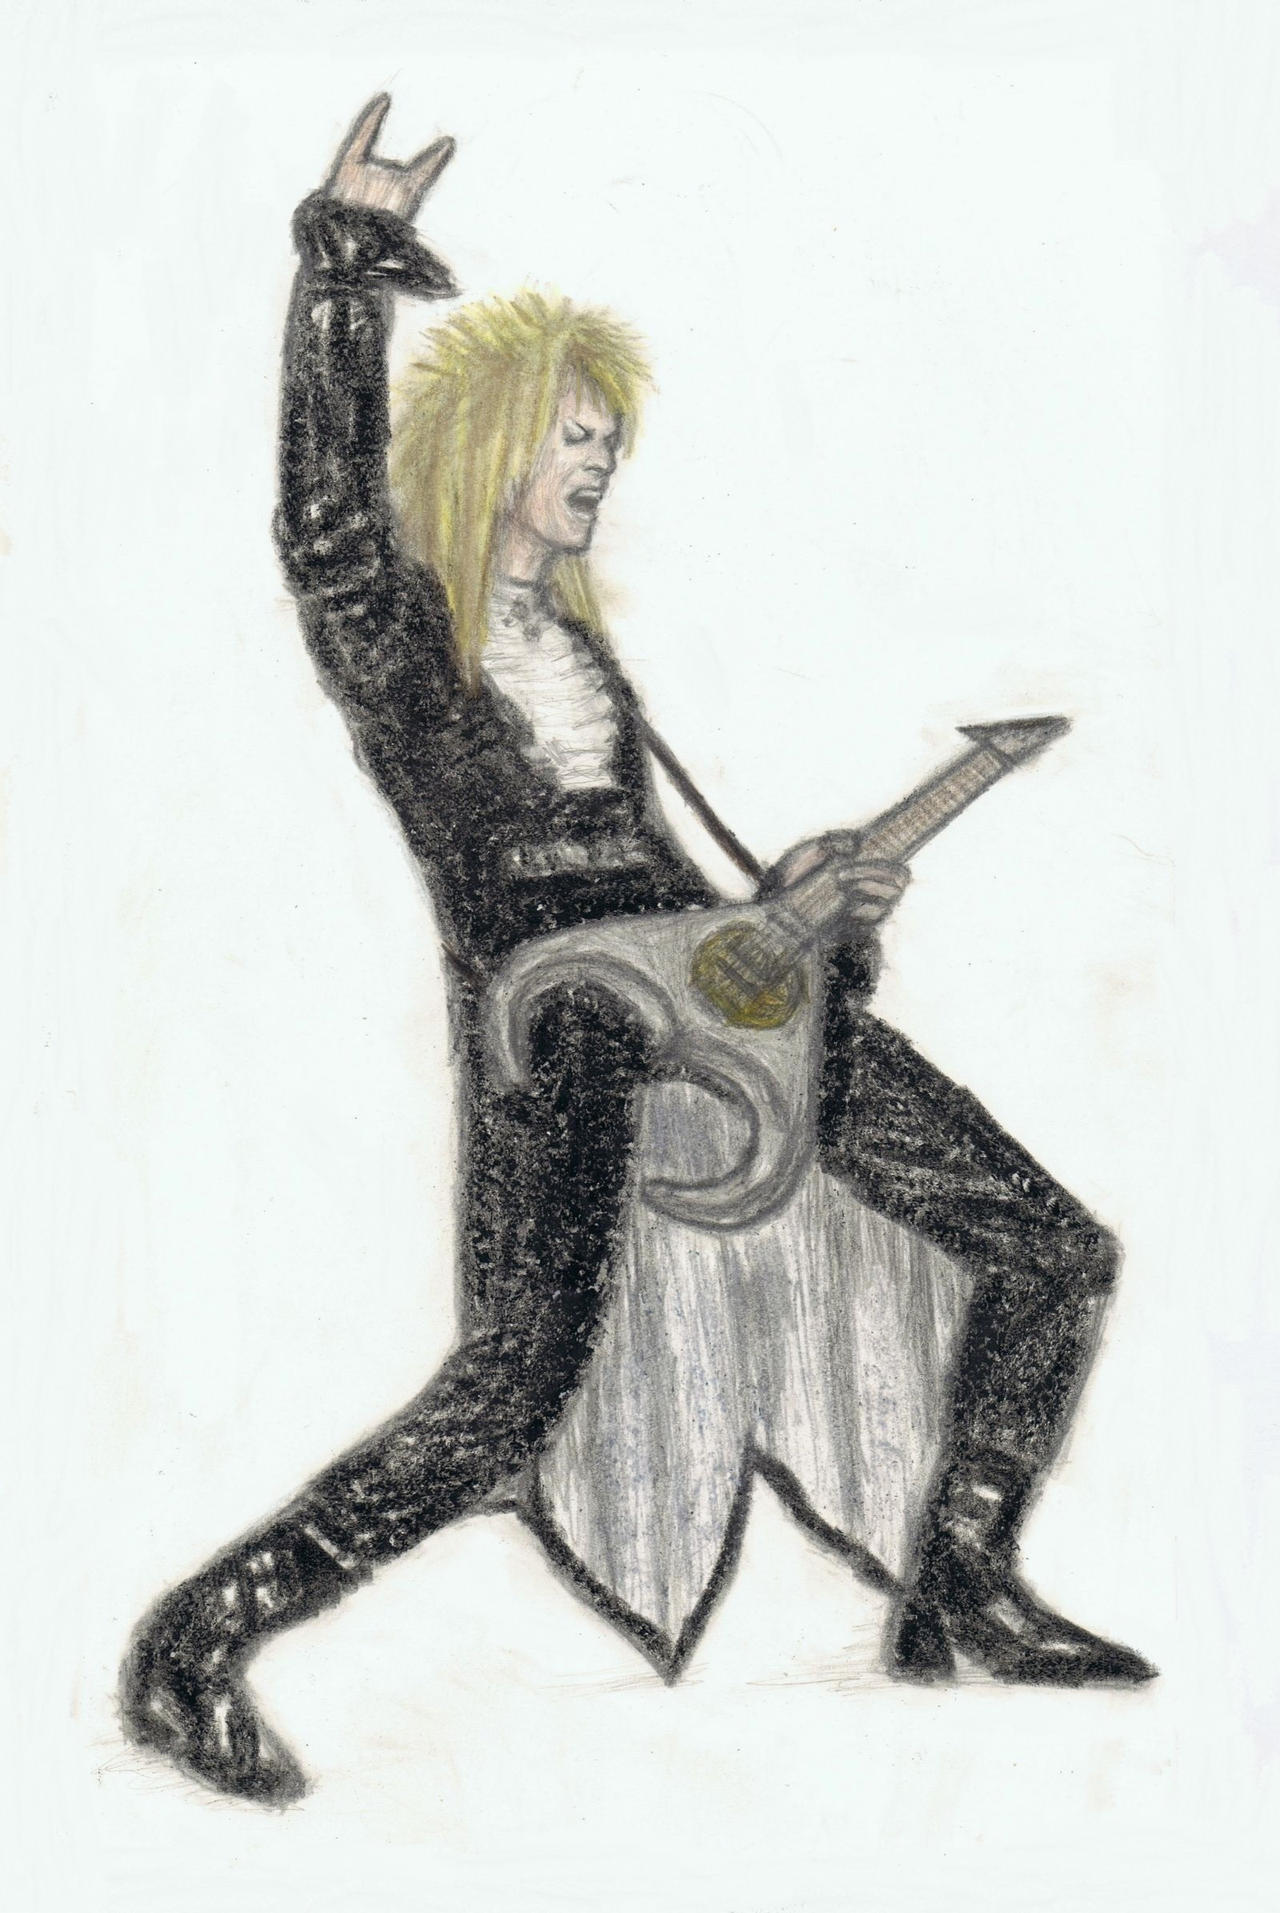 Jareth played guitar by gagambo